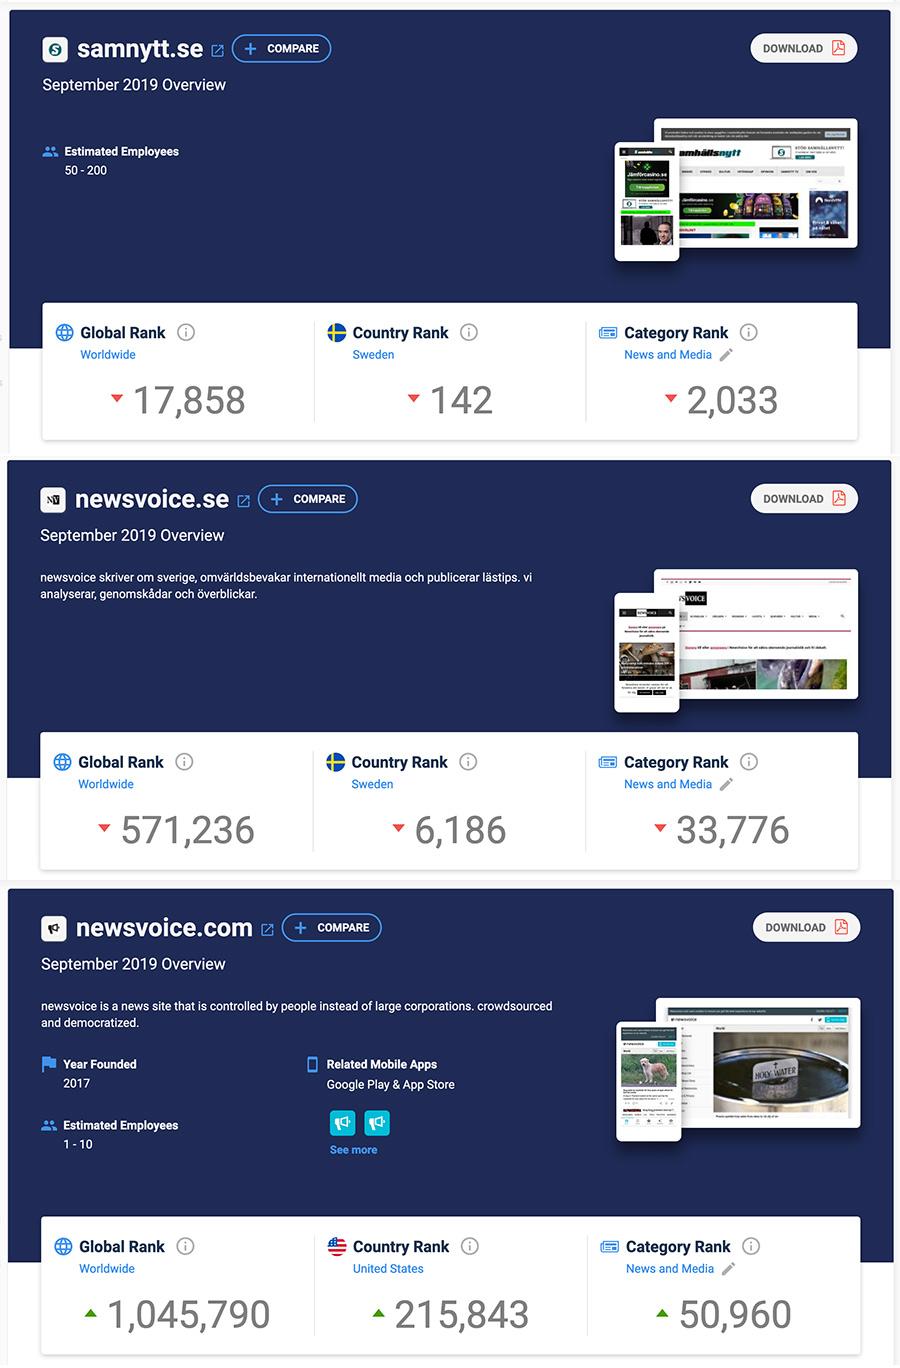 Newsvoice.se rankas dubbelt så högt som Newsvoice.com, enligt Similiarweb.